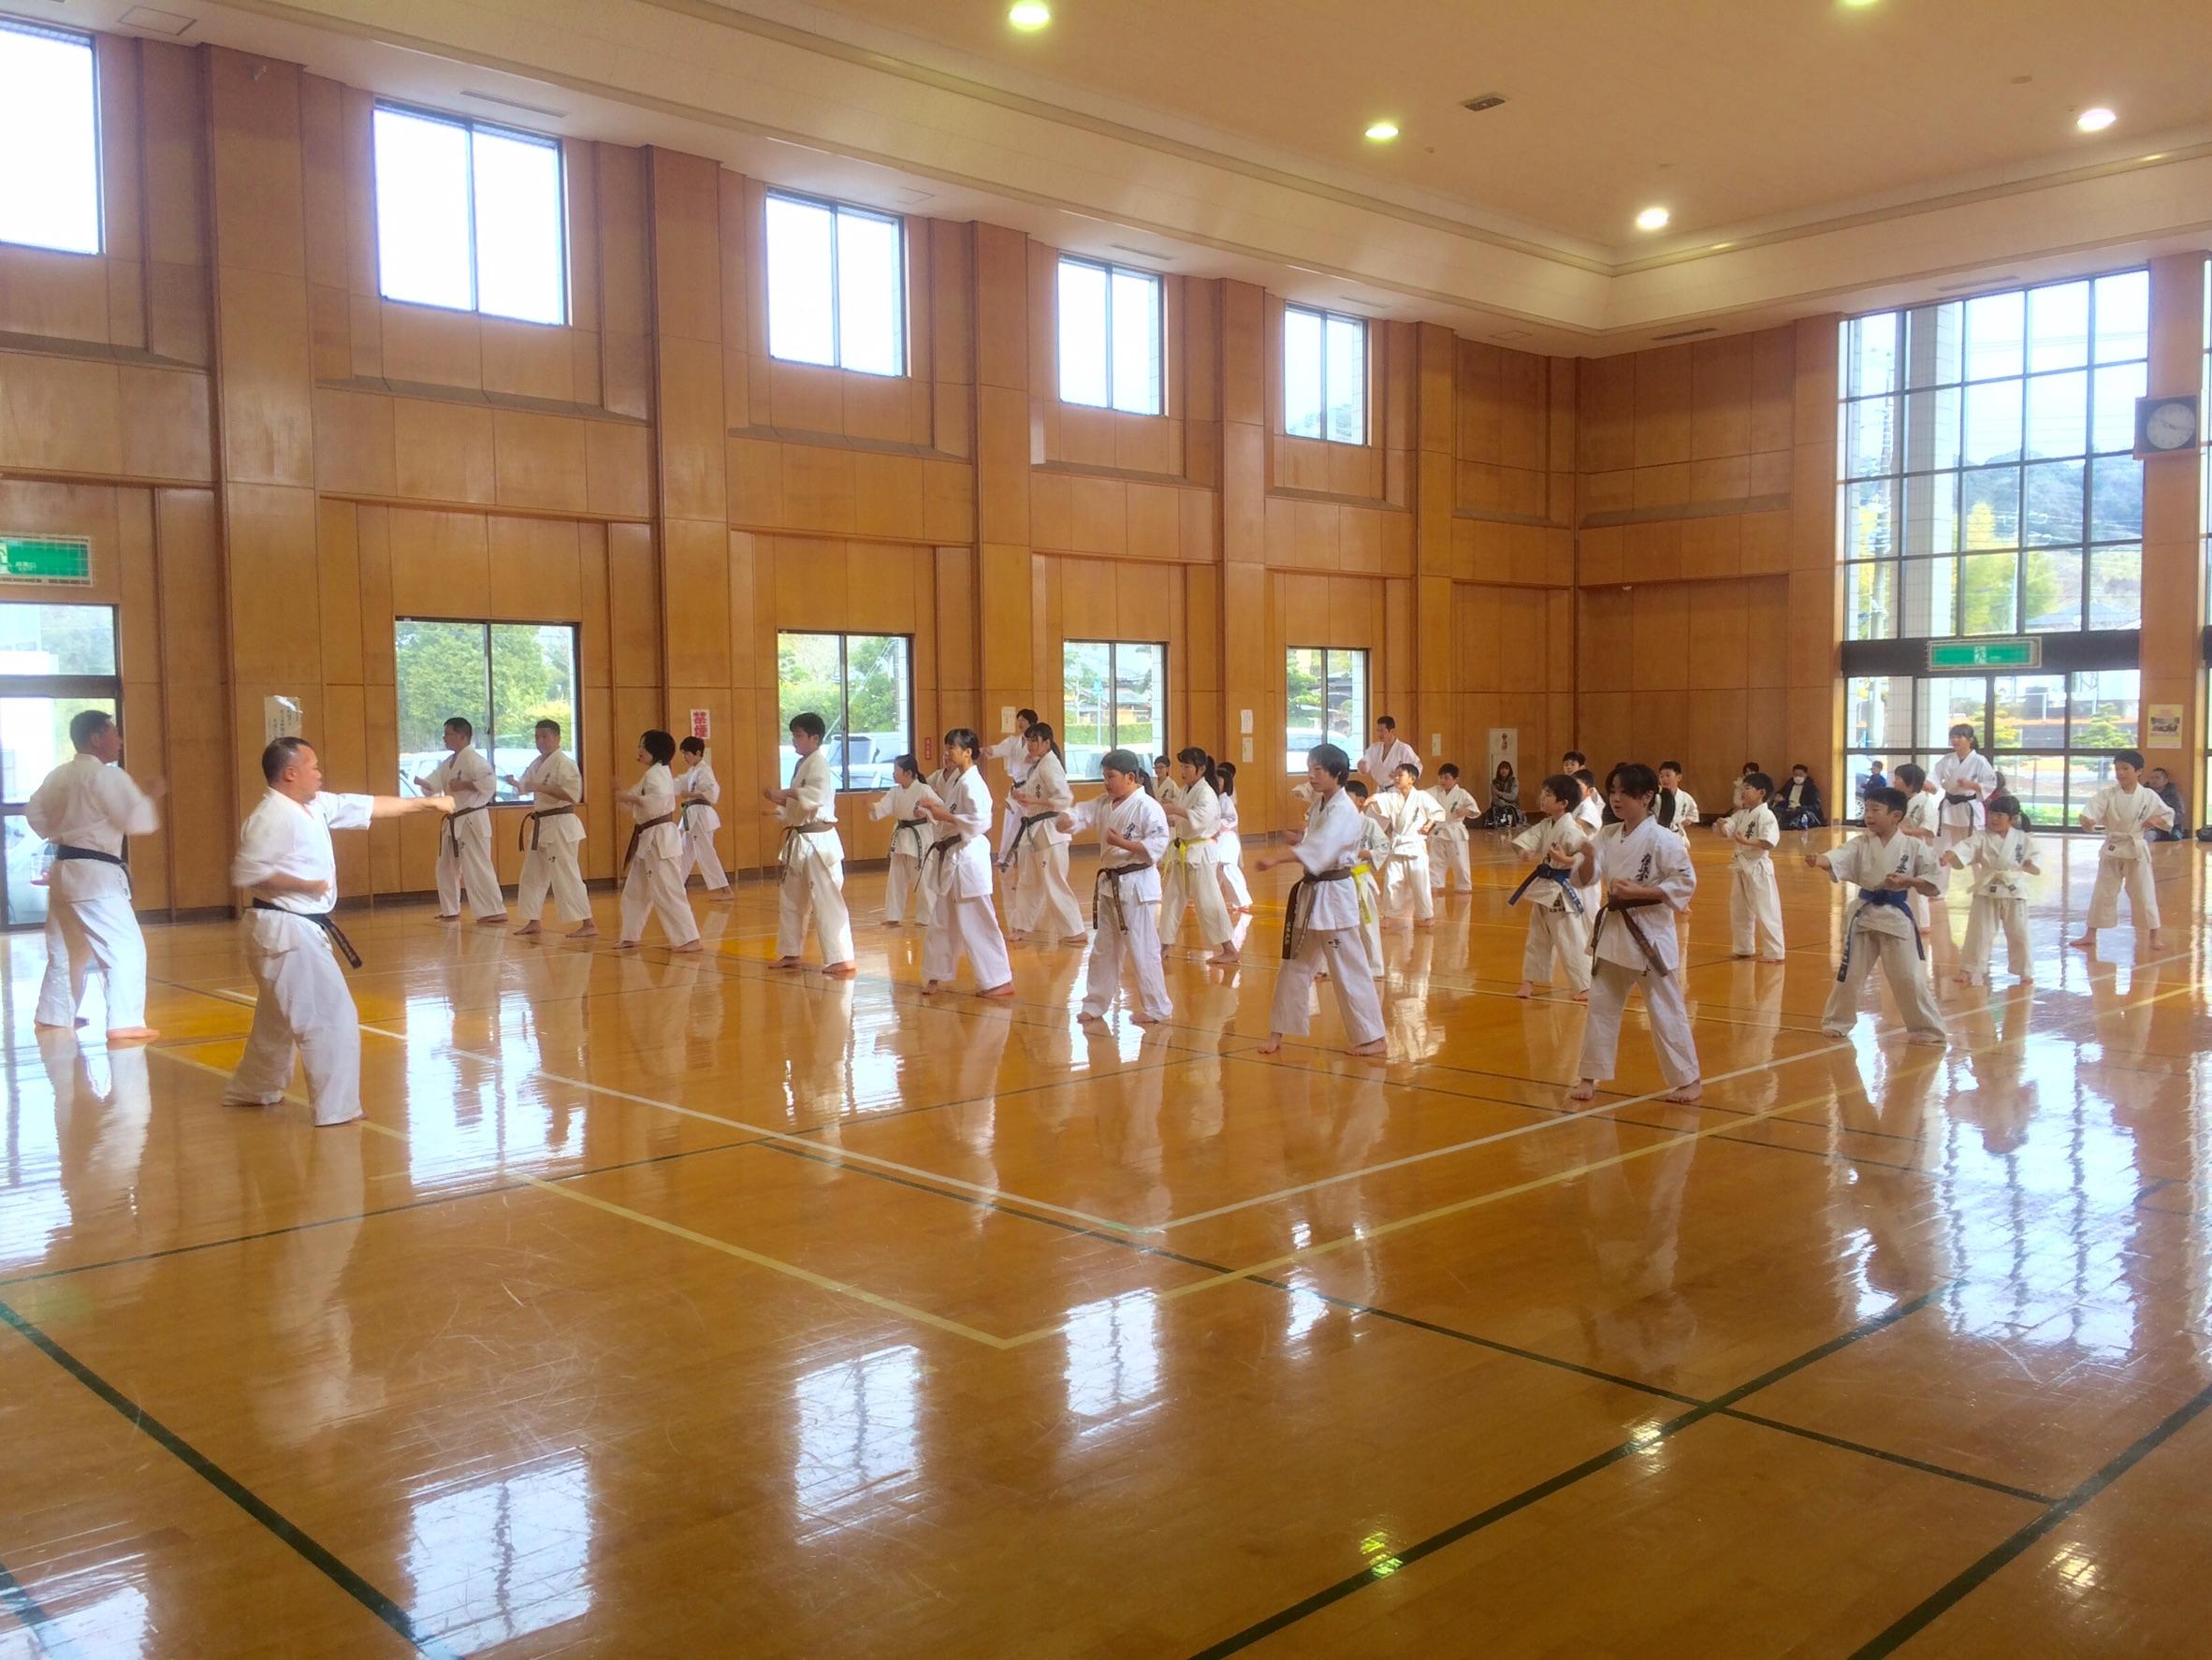 http://www.kyokushin-chibaminami.com/images/1485141797637.jpg